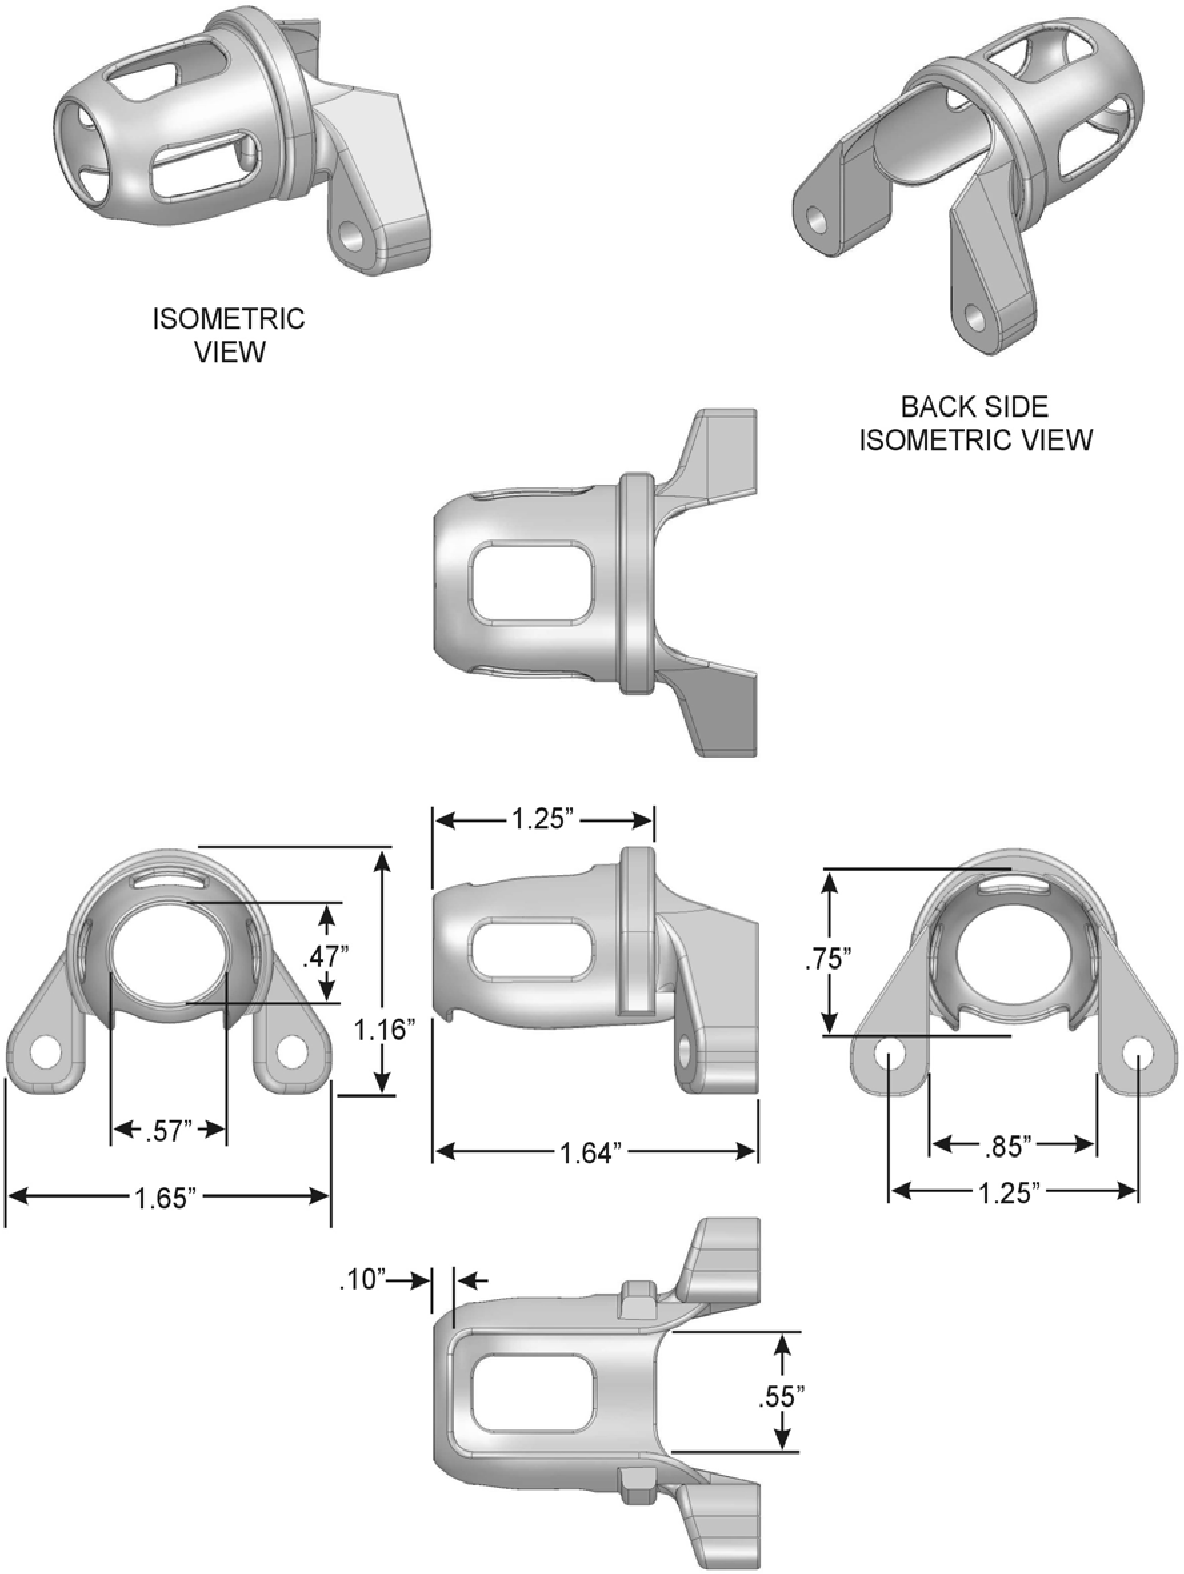 figure B-6